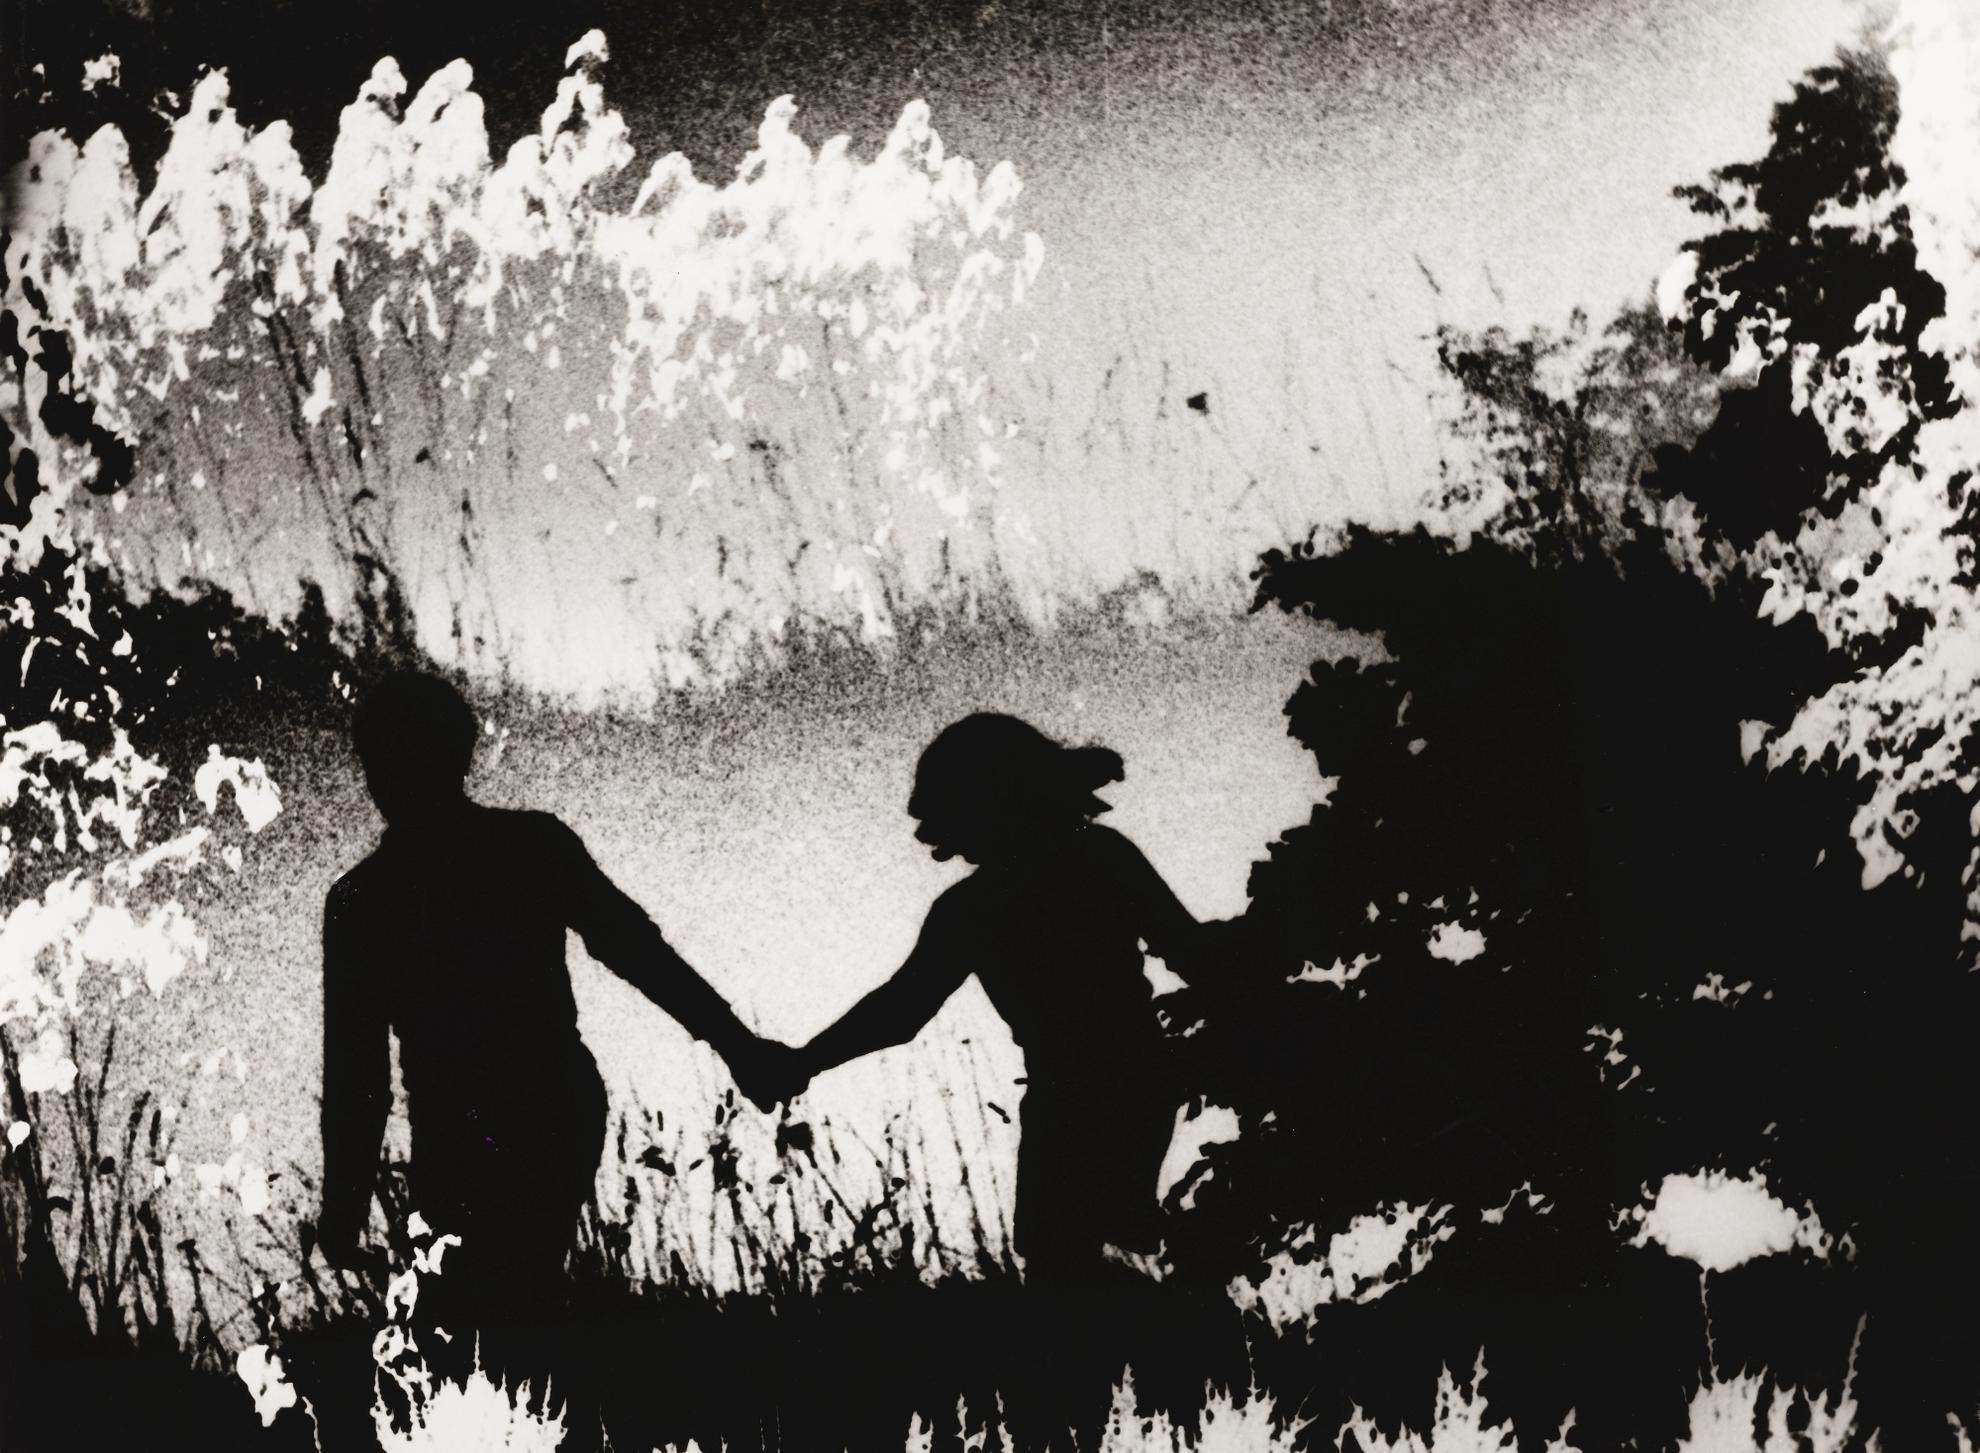 Mario Giacomelli-Caroline Branson Da Spoon River, 1968 - 1973-1973